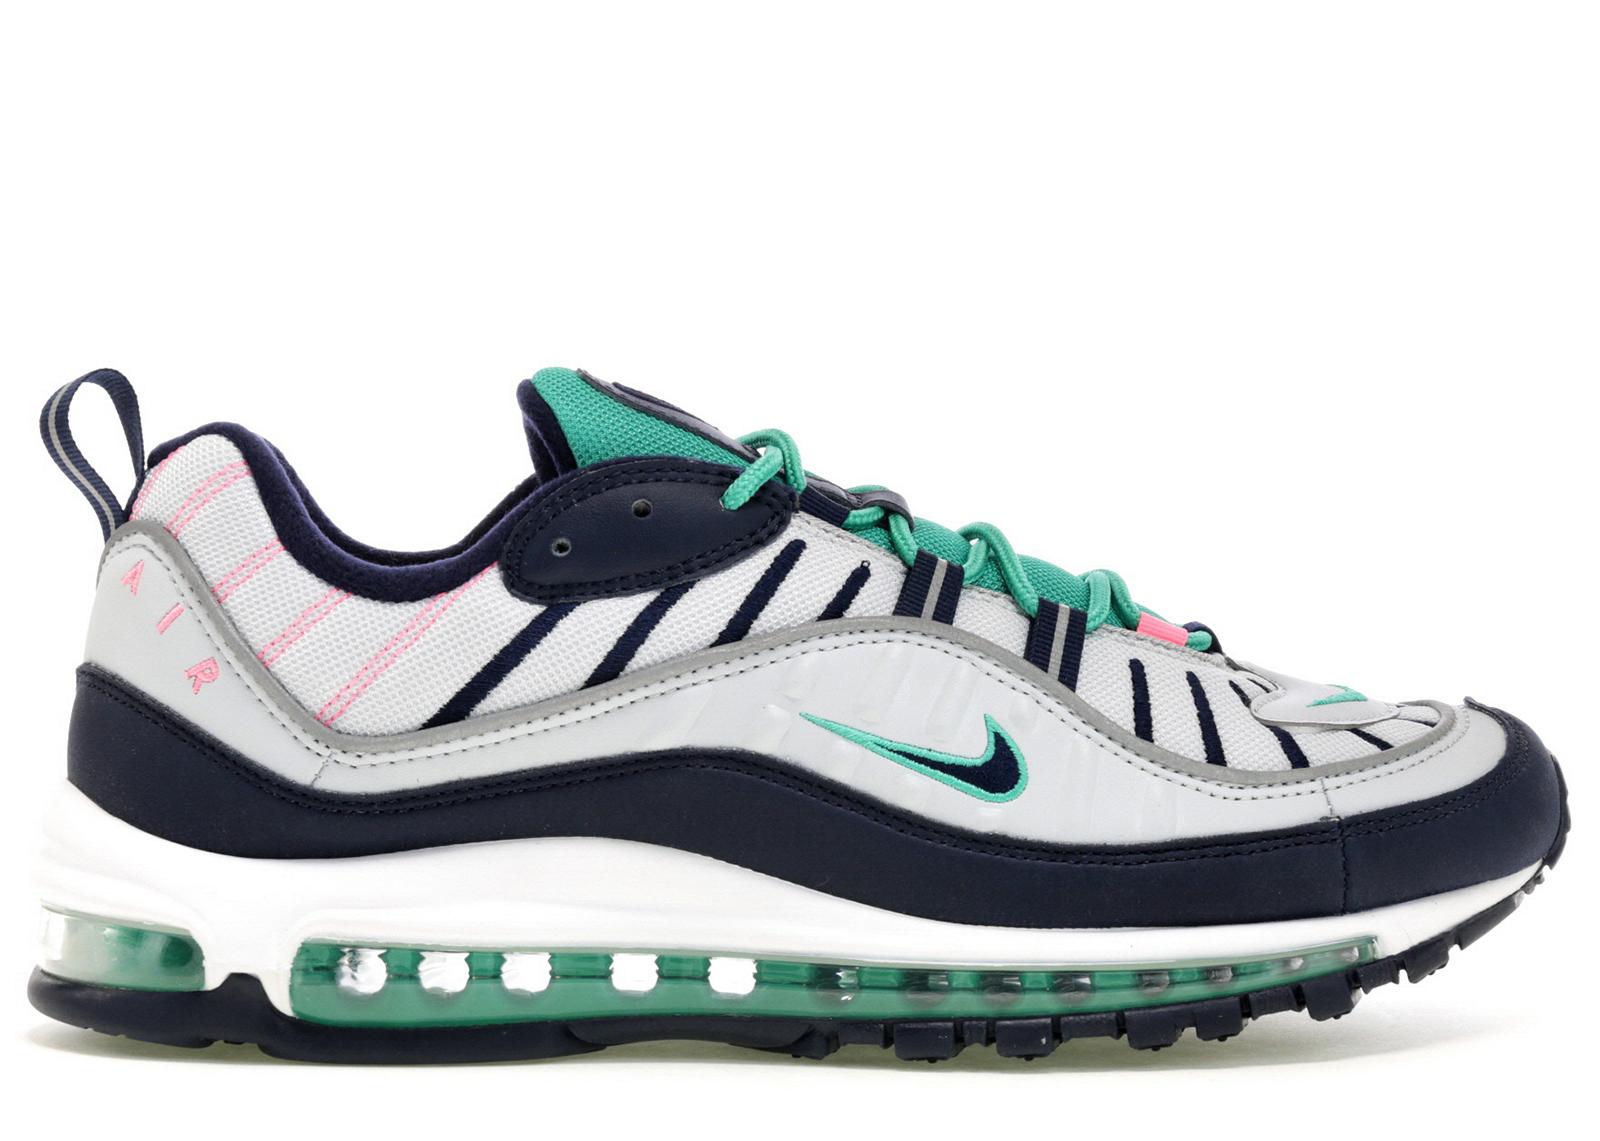 Nike Air Max 98 Tidal Wave - 640744-005